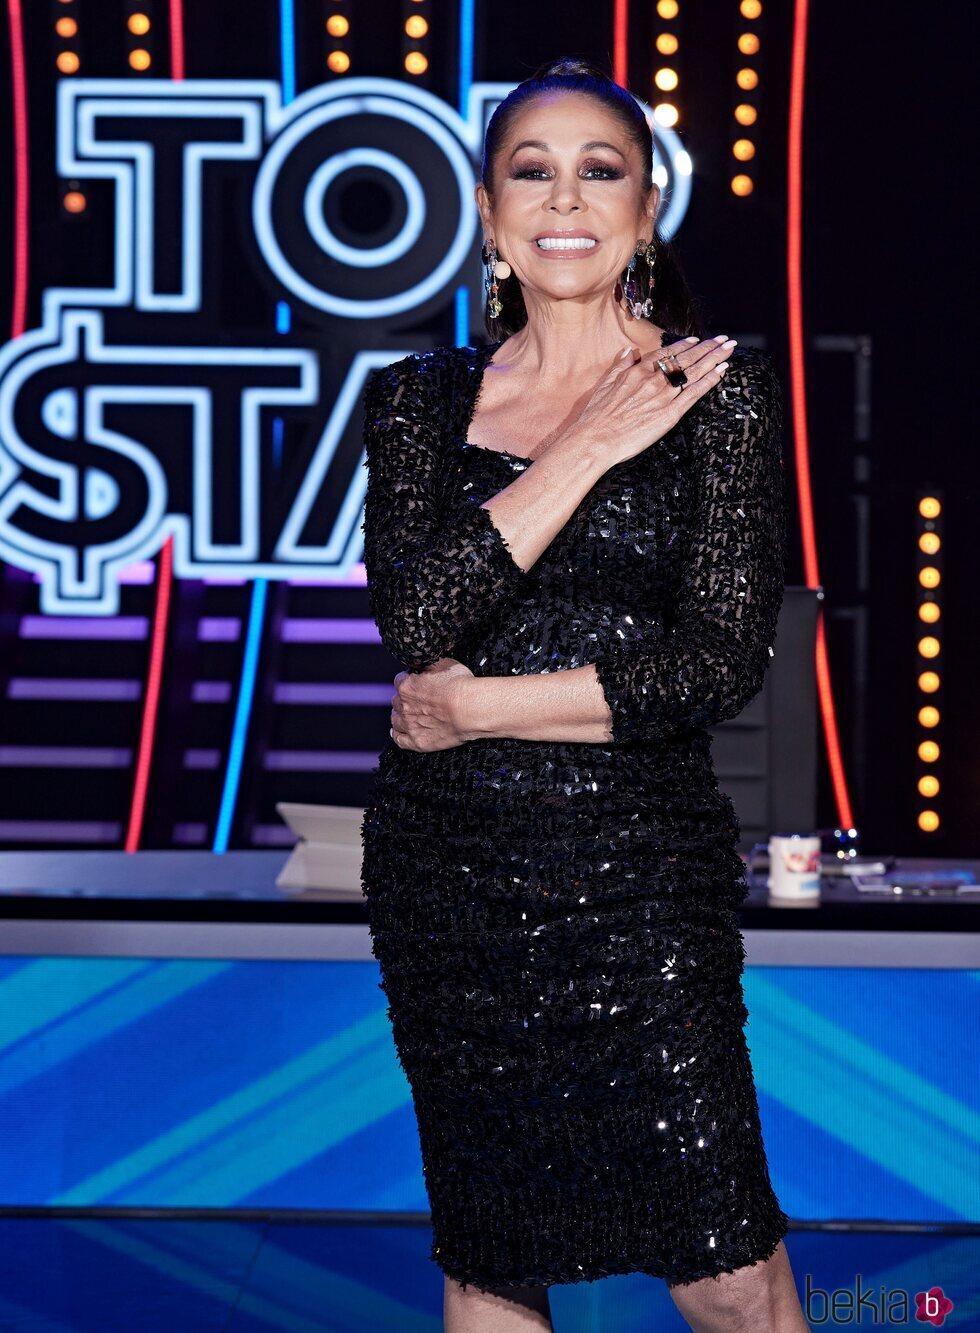 Isabel Pantoja posando durante el tercer programa de 'Top Star'